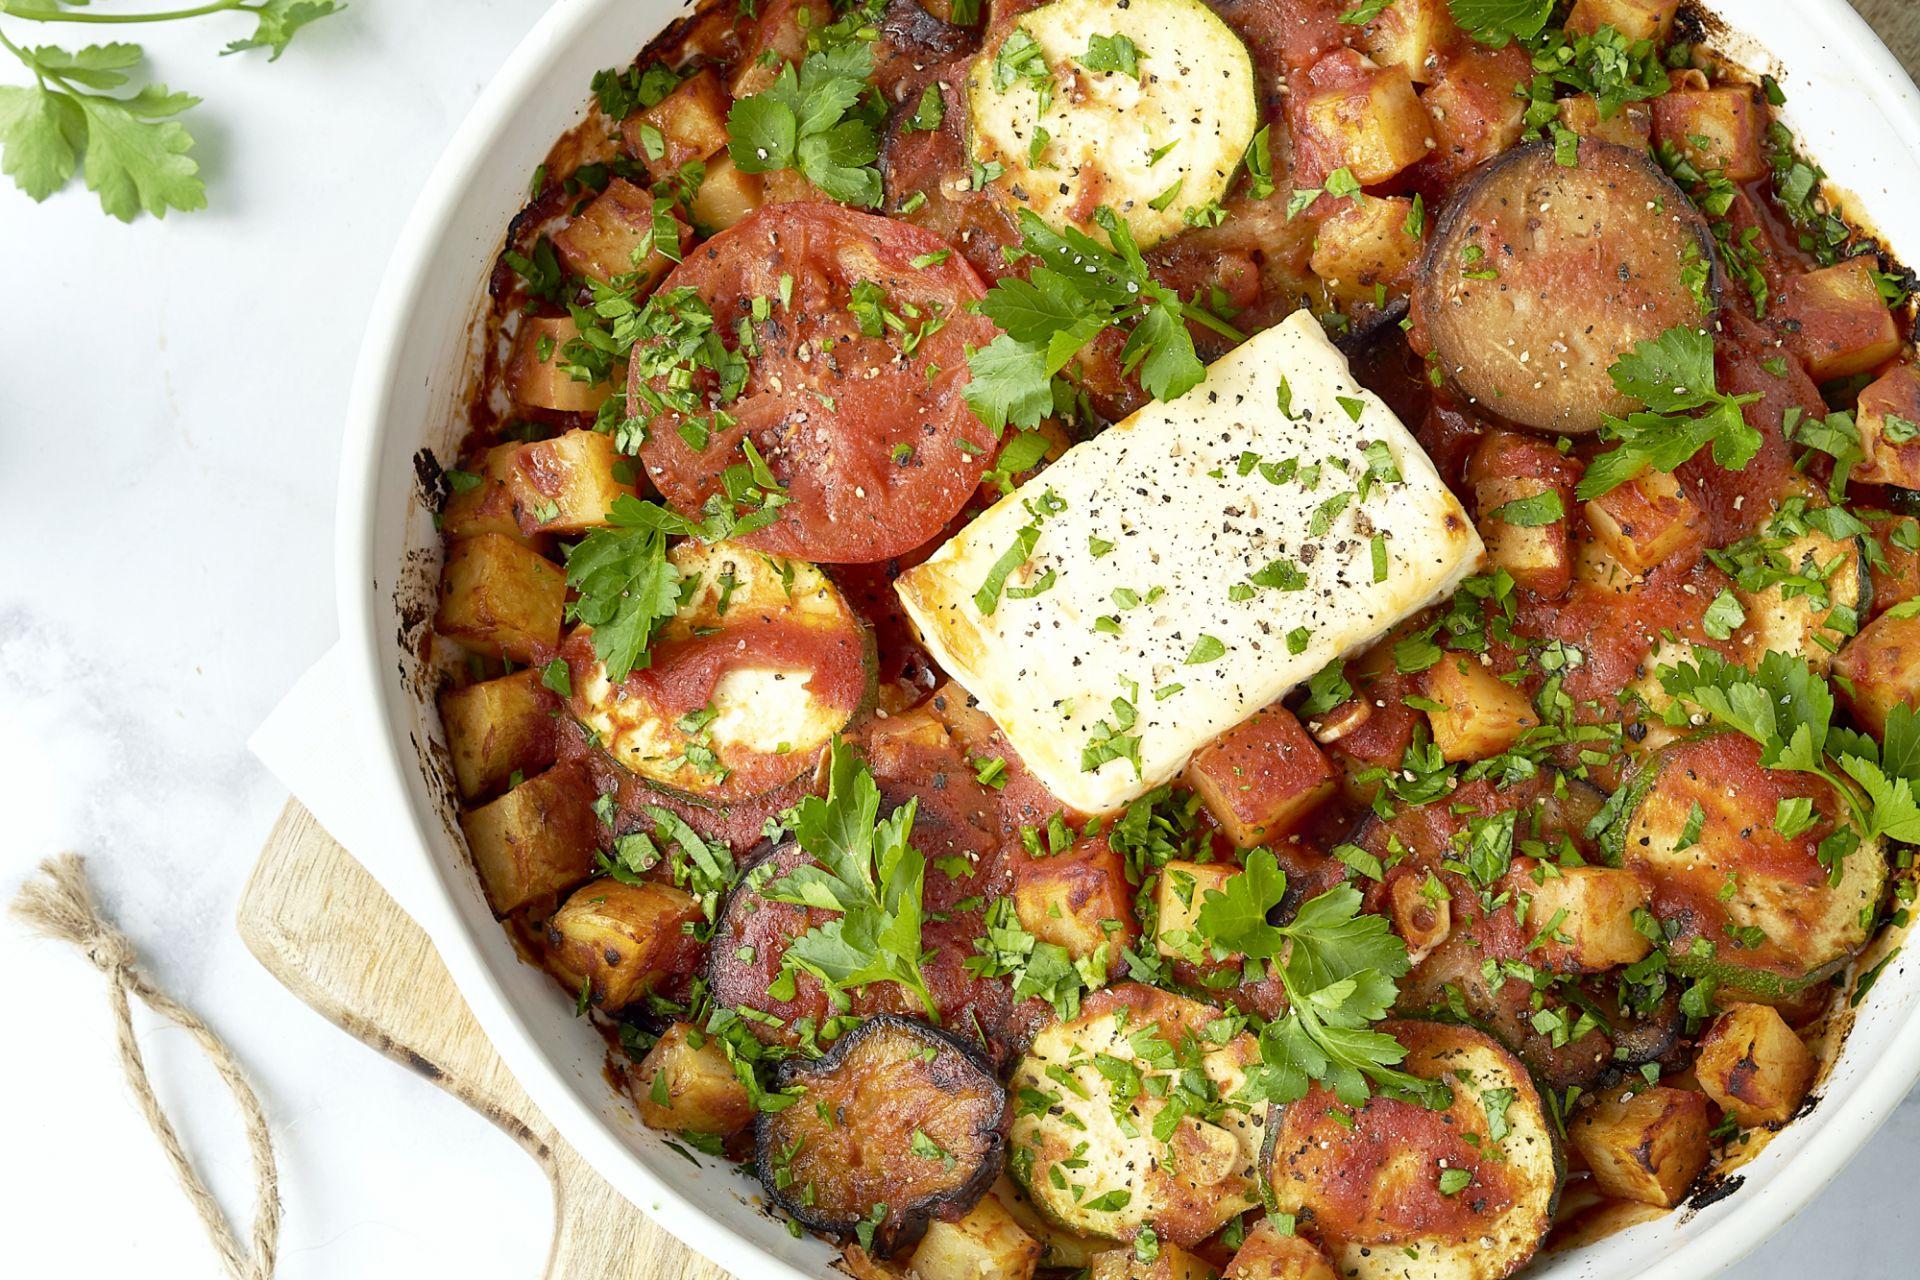 Griekse ovenschotel (Briam) met gebakken feta